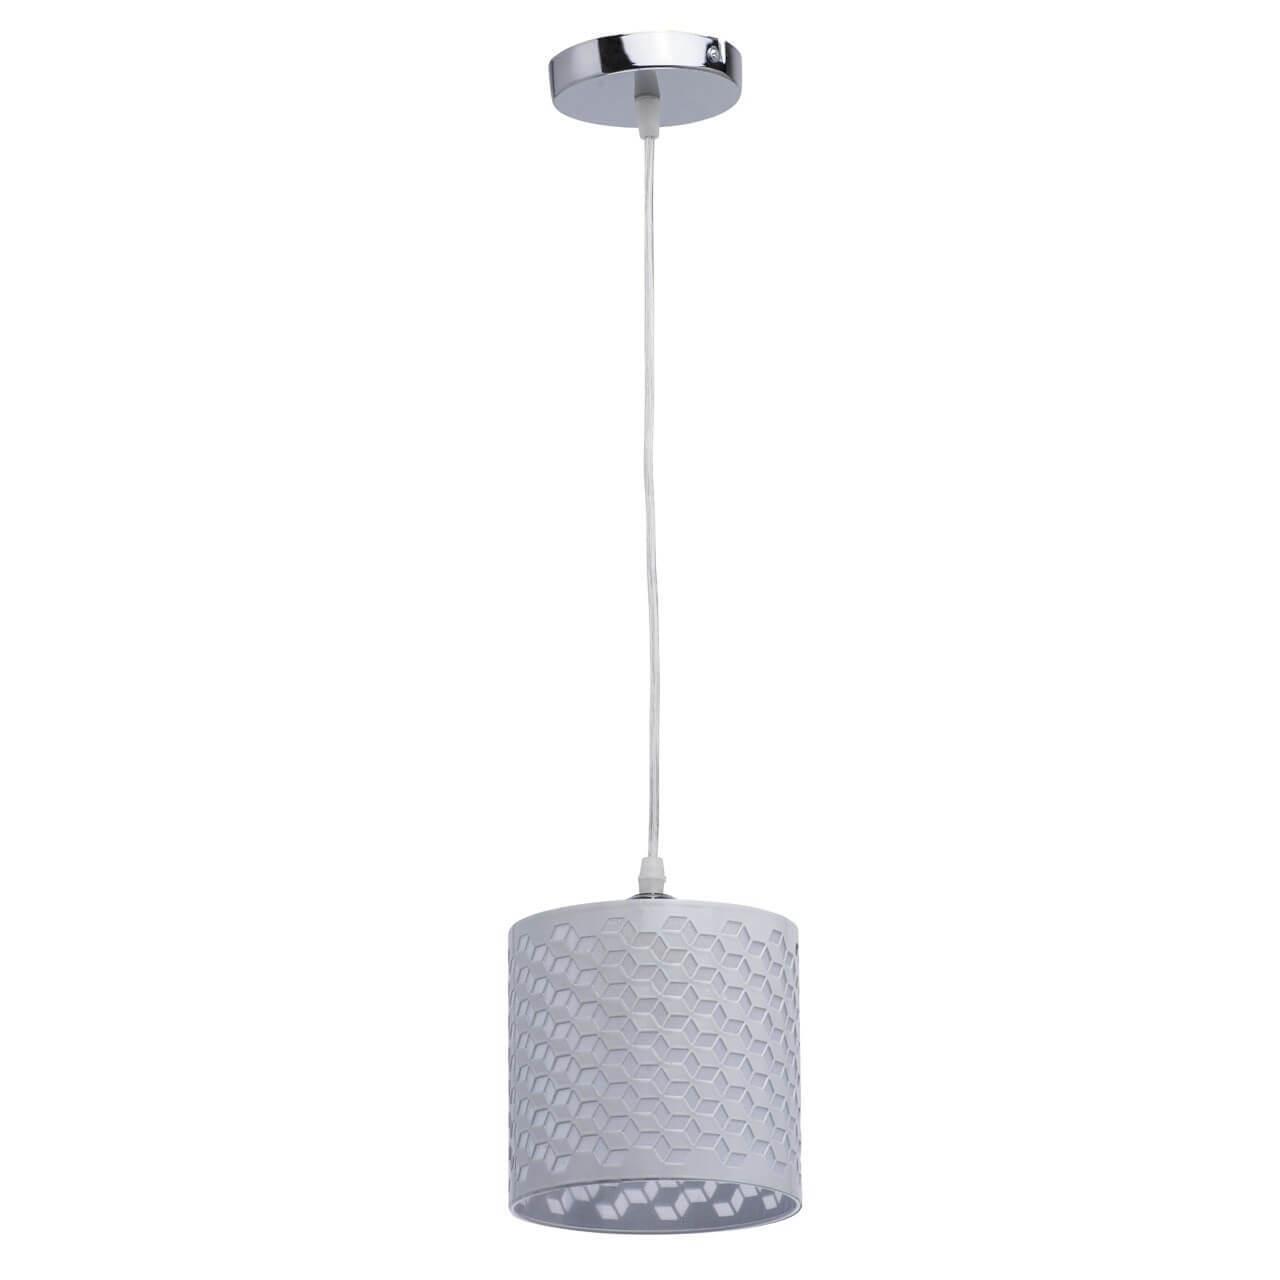 Подвесной светильник De Markt City Скарлет 333012201 цены онлайн